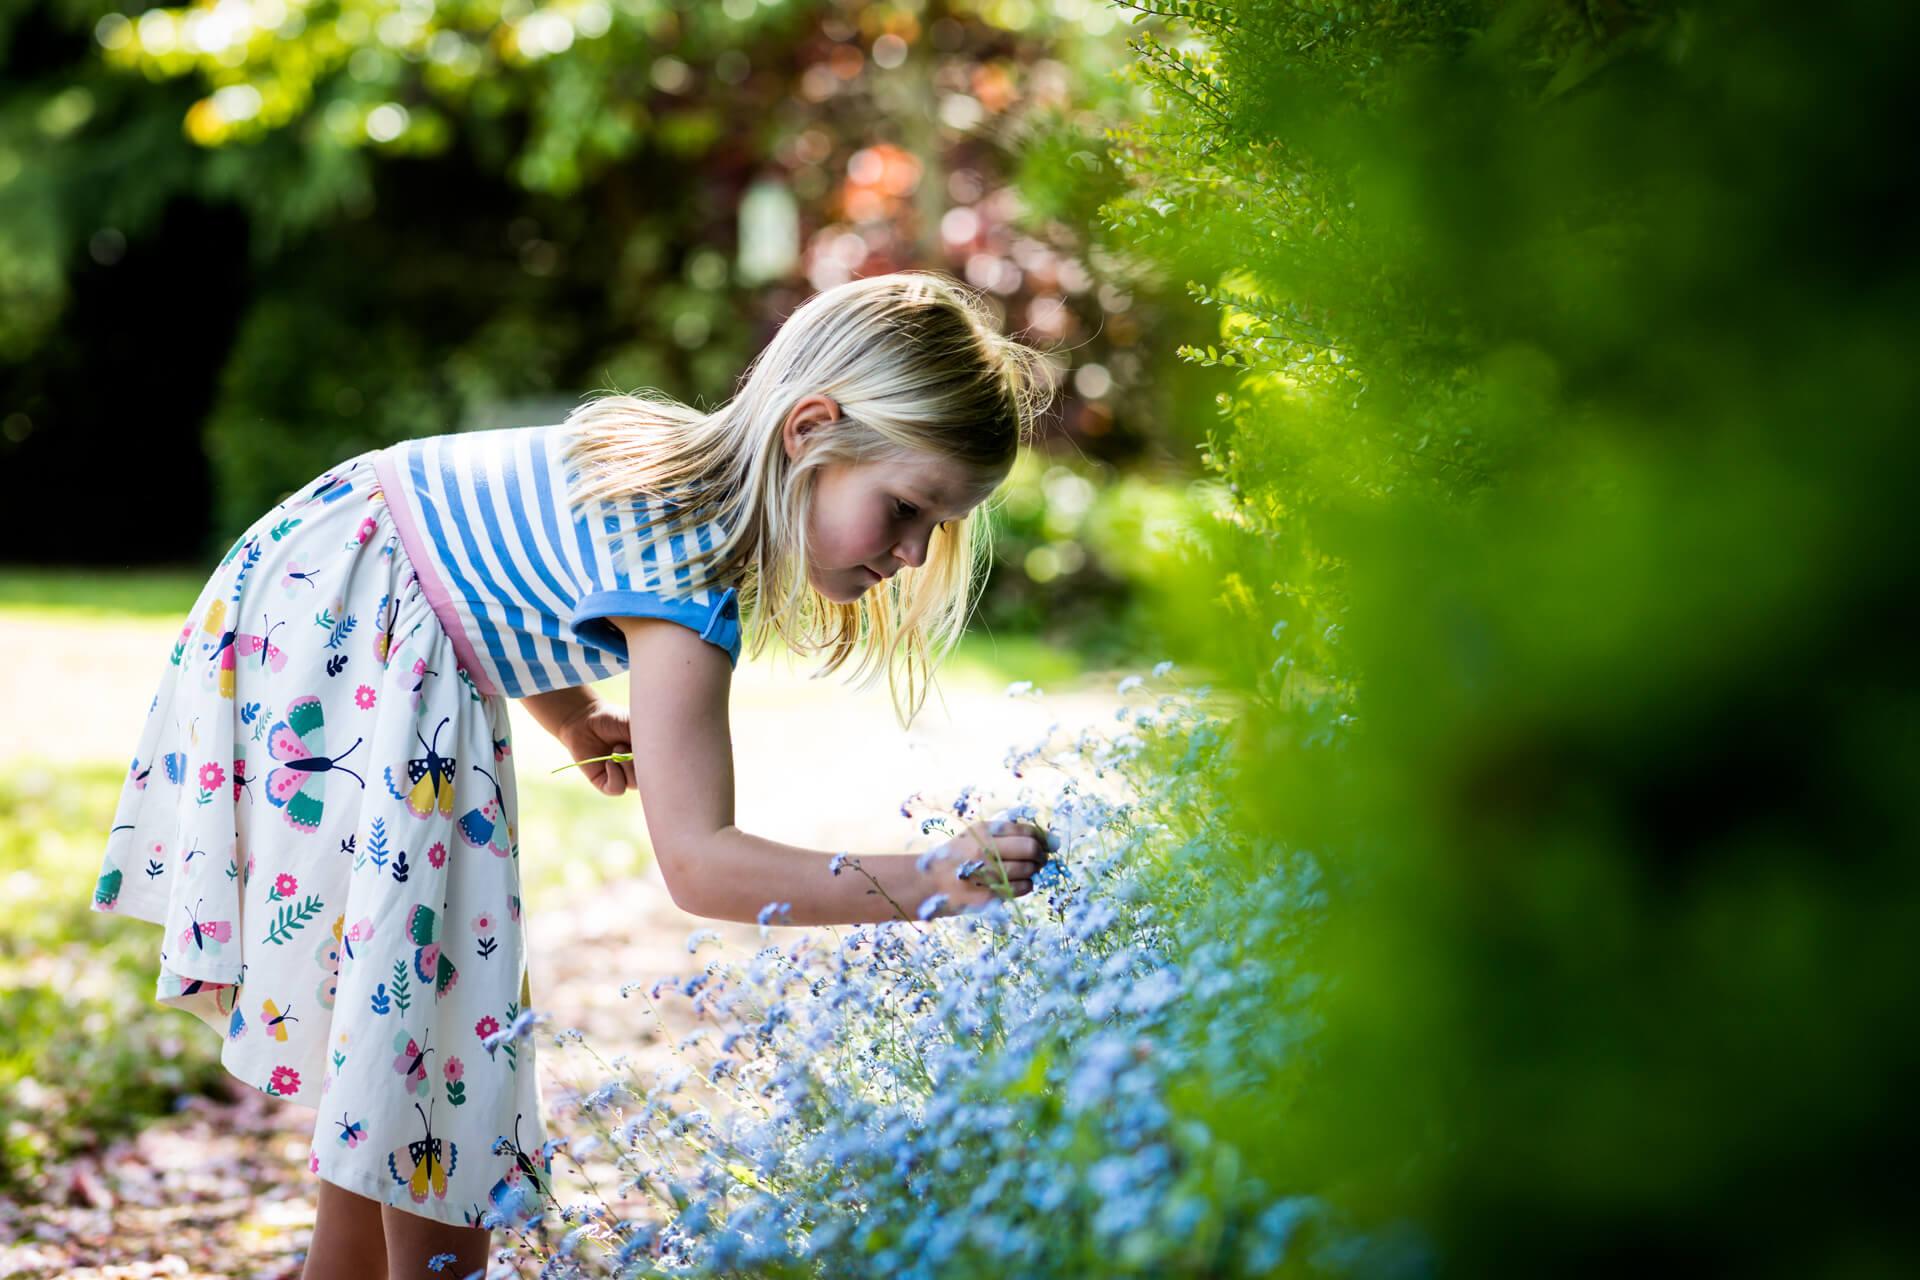 girl picking flowers in her garden